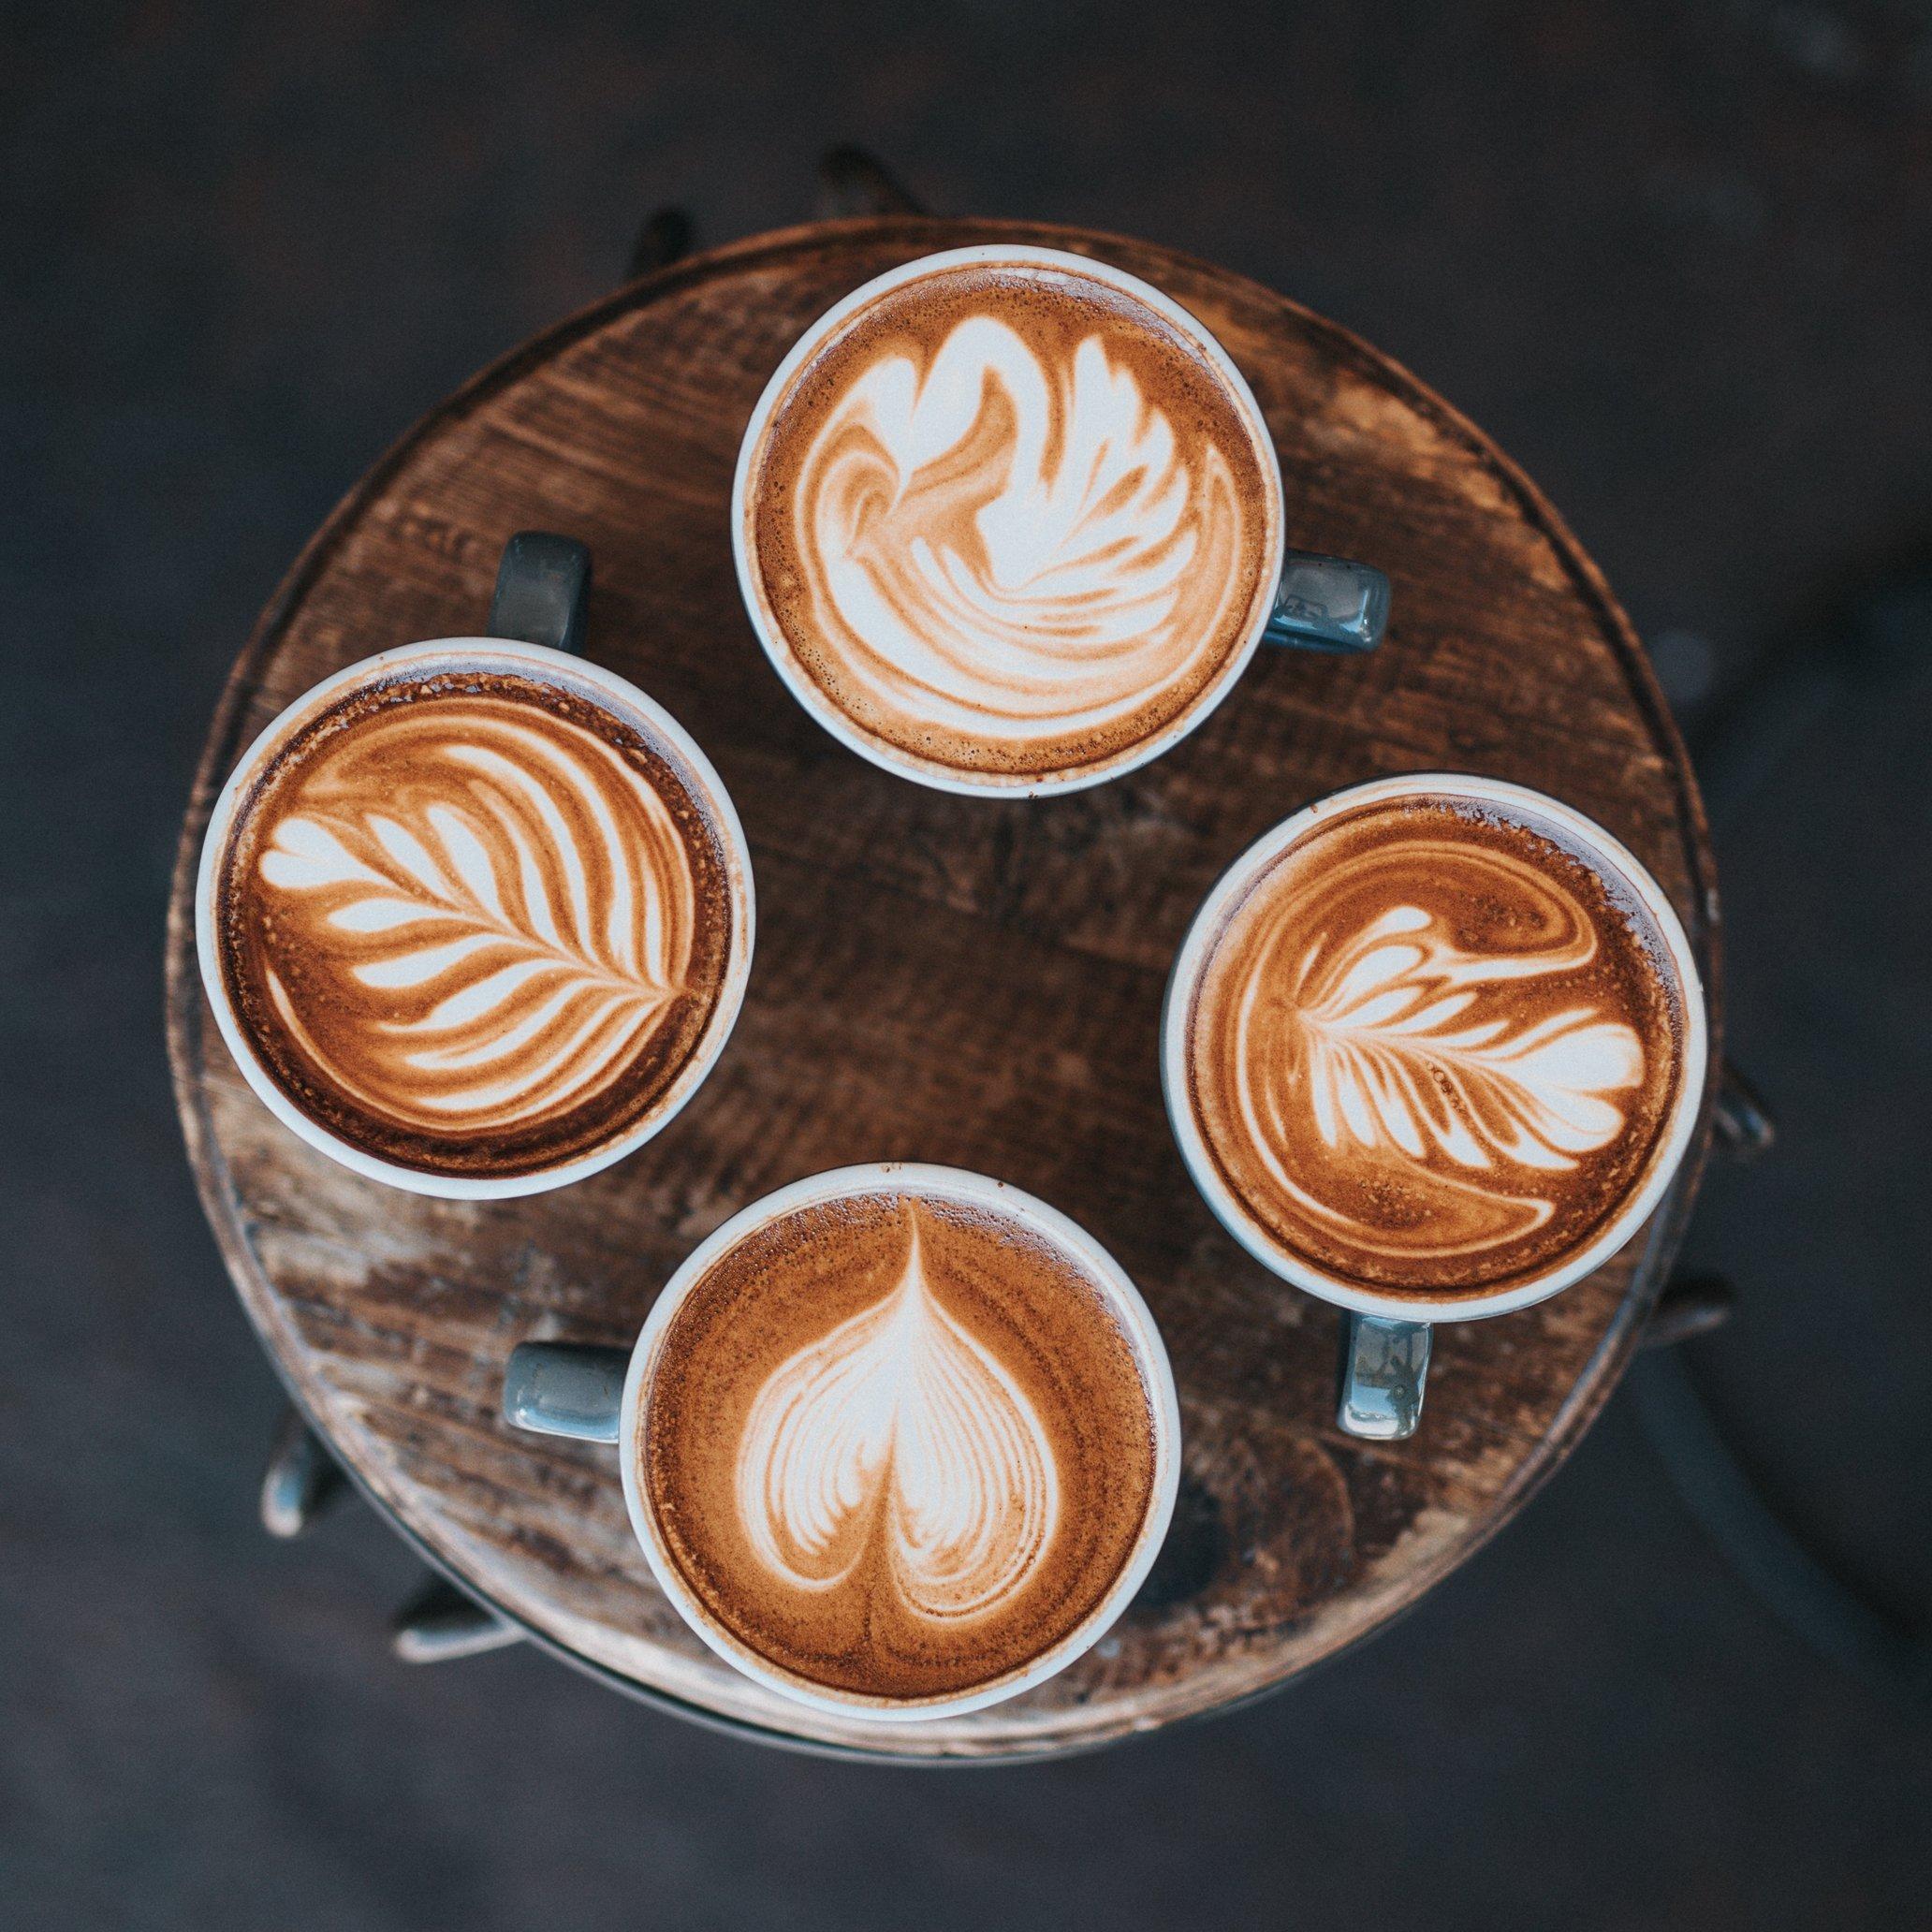 http://www.jedscoffee.co.nz/